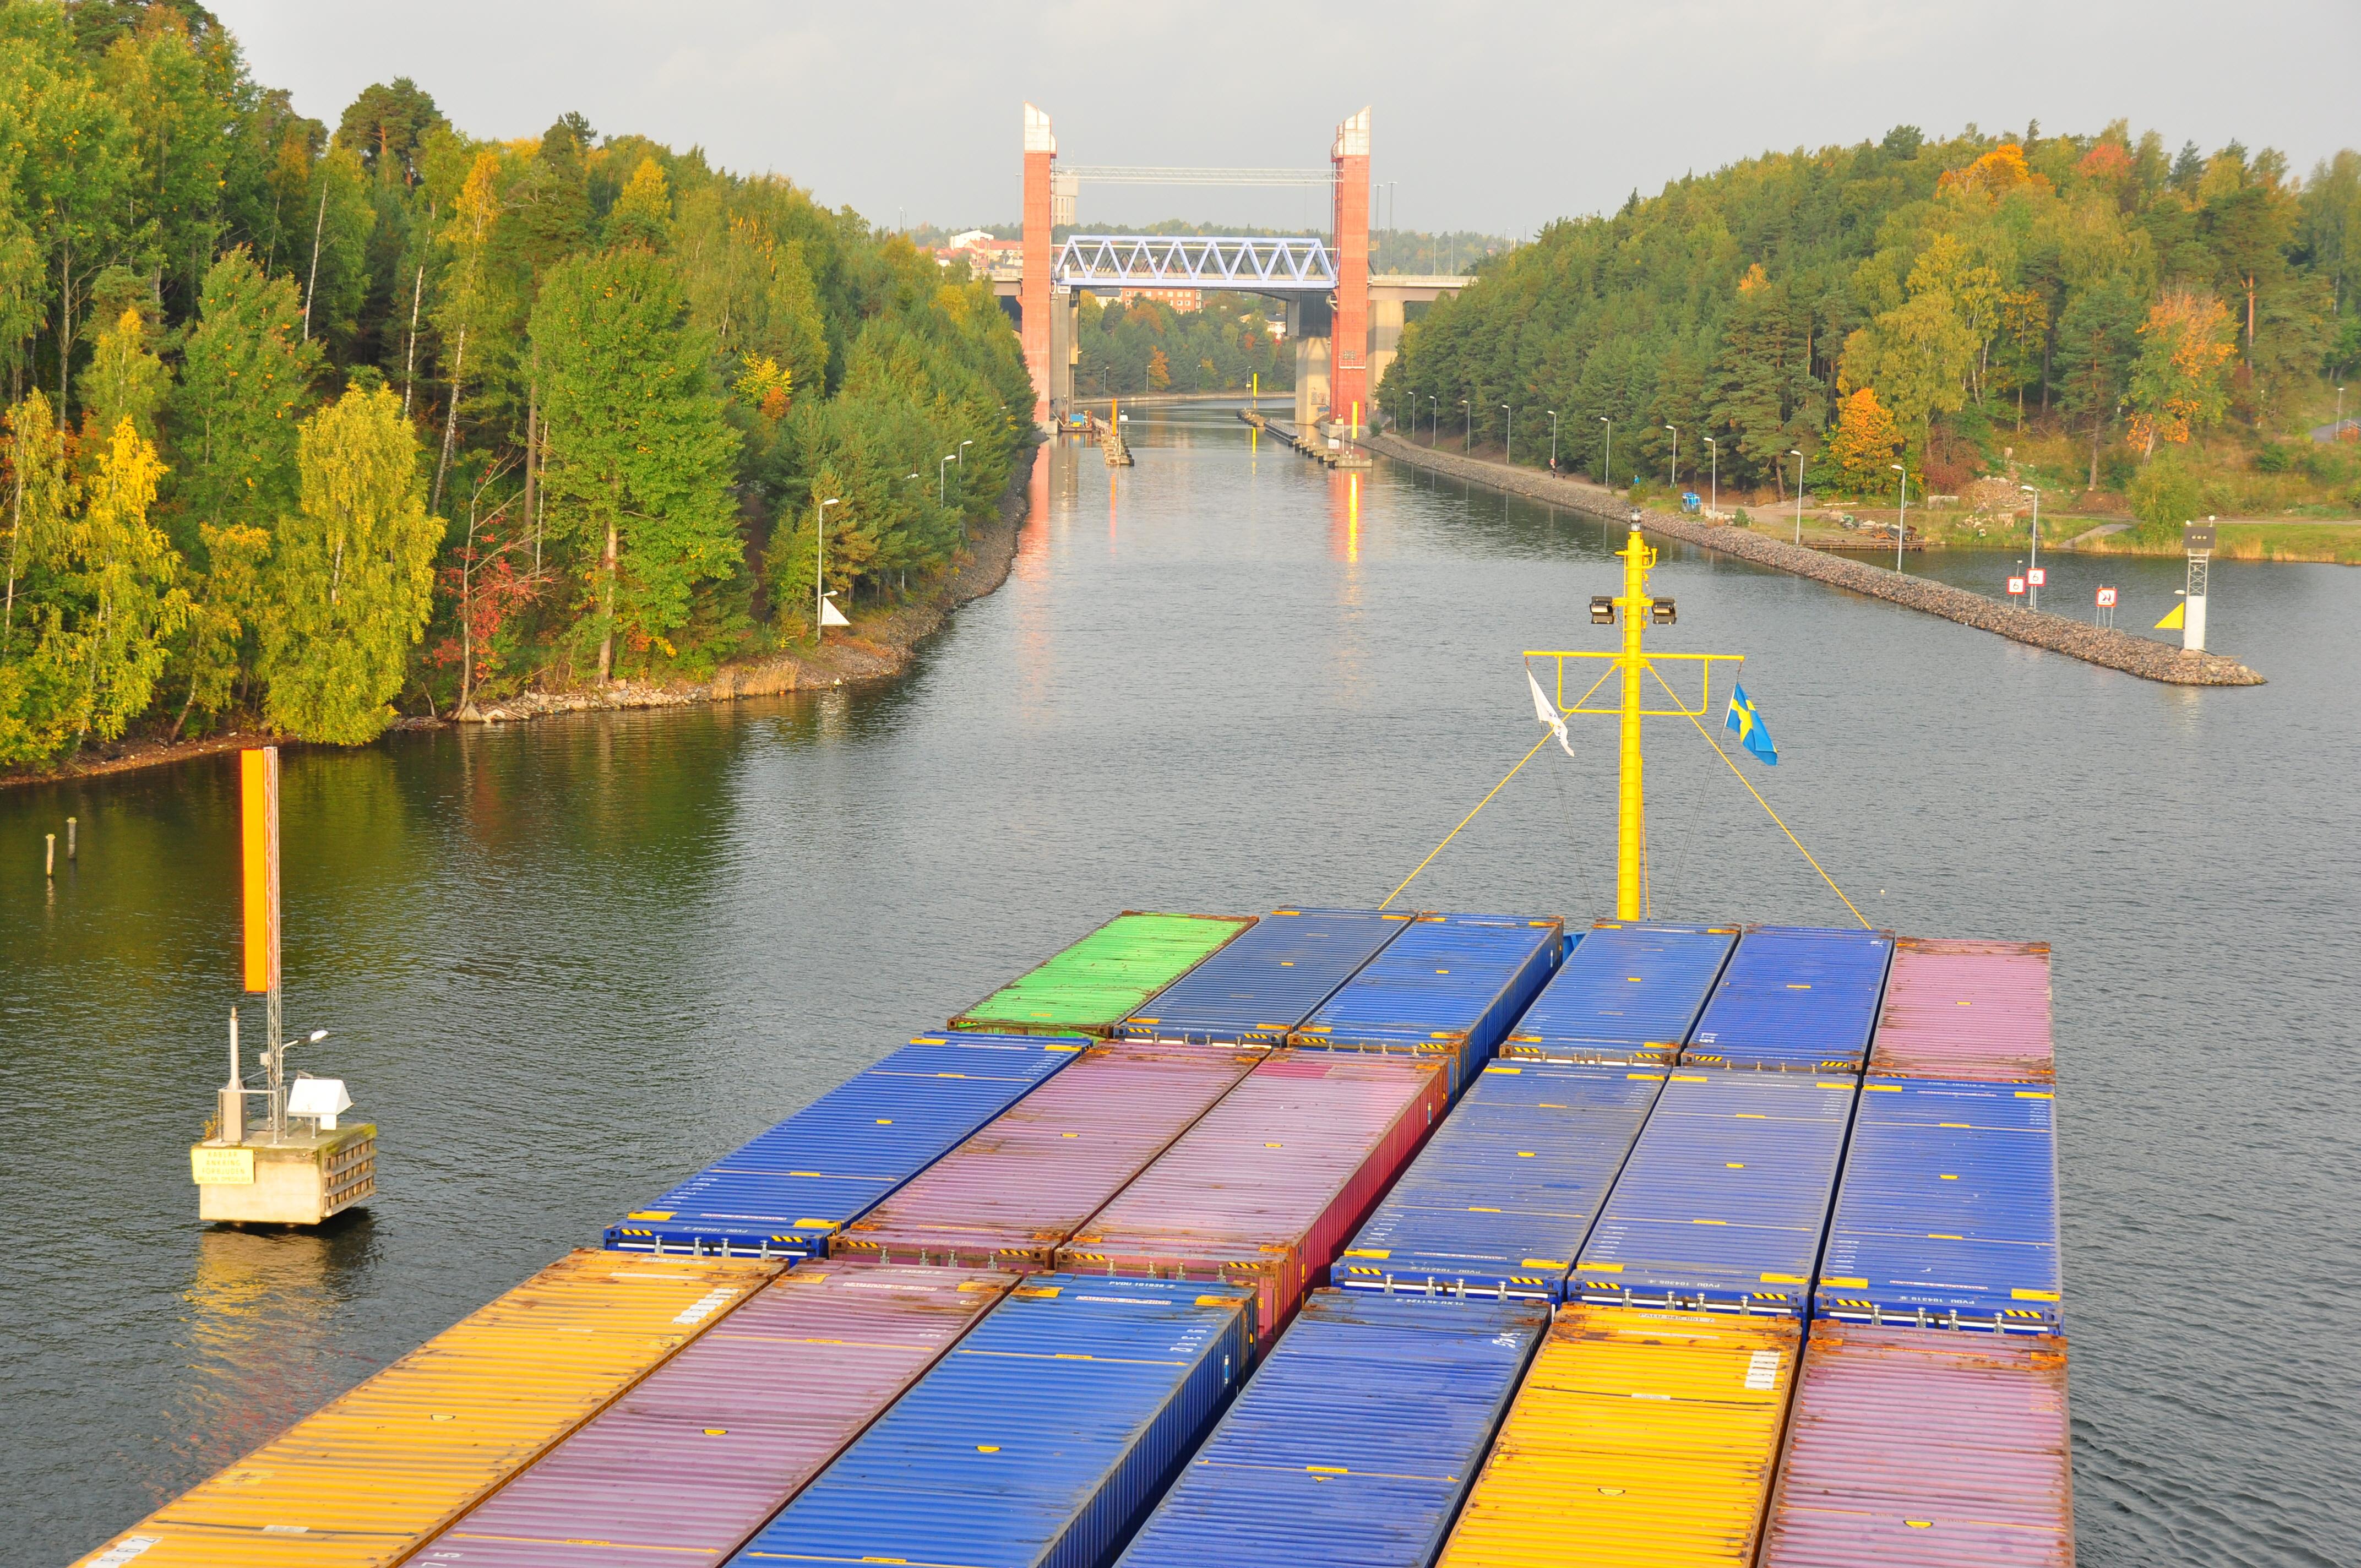 Containerfrakt på Mälaren. Sjöfarten på de inre vattenvägarna är extra utsatt för konkurrens från vägtransporter. Foto Sjöfartsverket